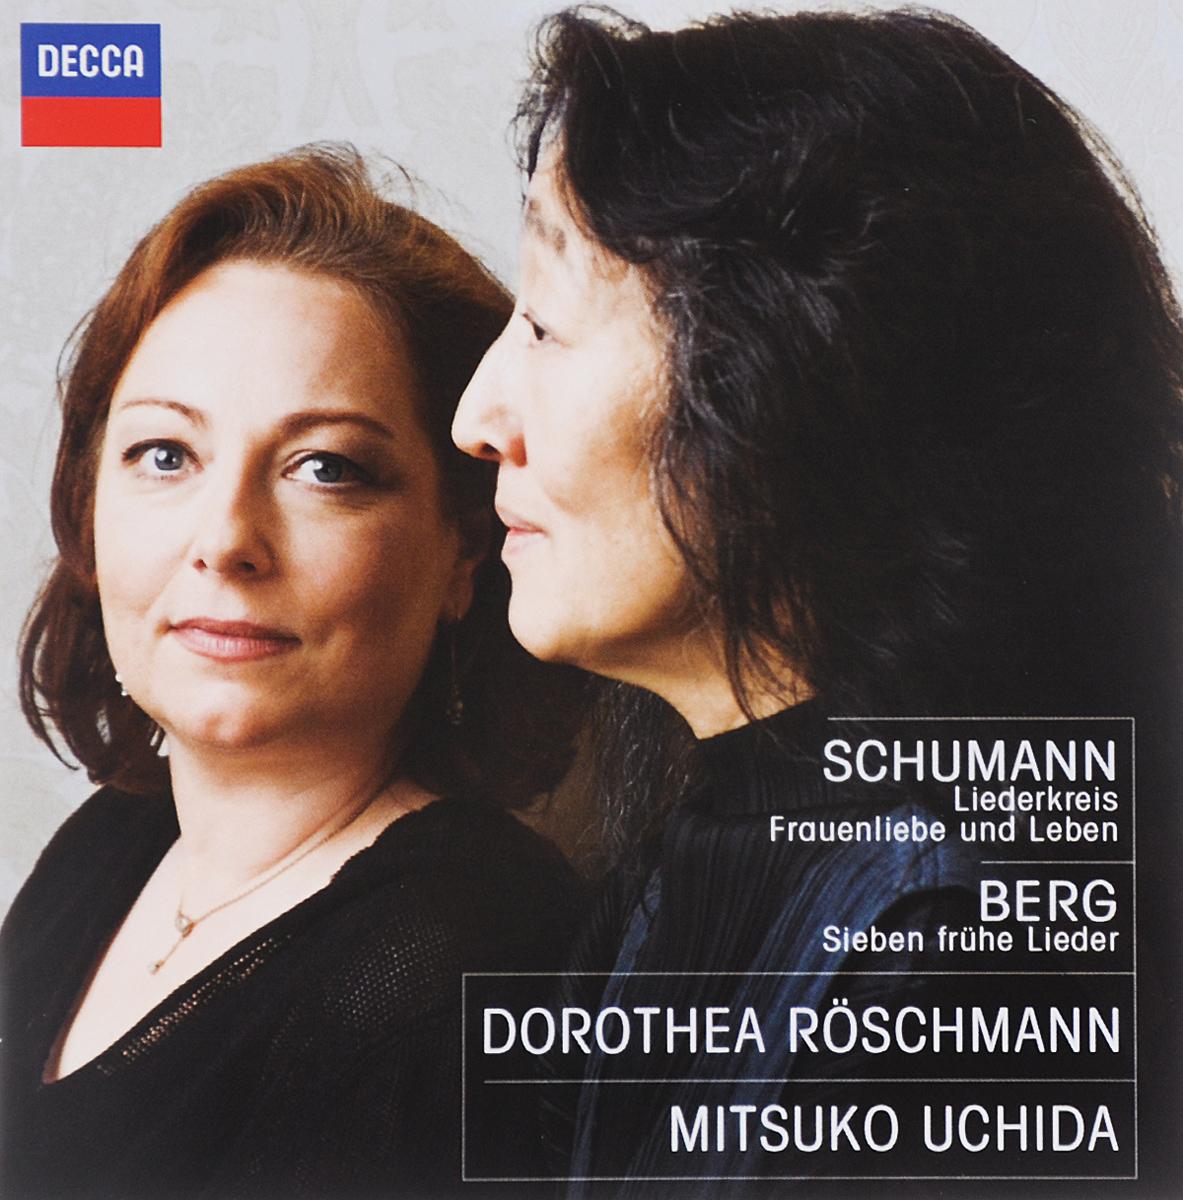 Дороти Рошмэнн,Мицуко Ючида Dorothea Roschmann / Mitsuko Uchida. Schumann. Liederkreis Frauenliebe Und Leben / Berg. Sieben Fruhe Lieder мицуко ючида schumann carnival kreisleriana